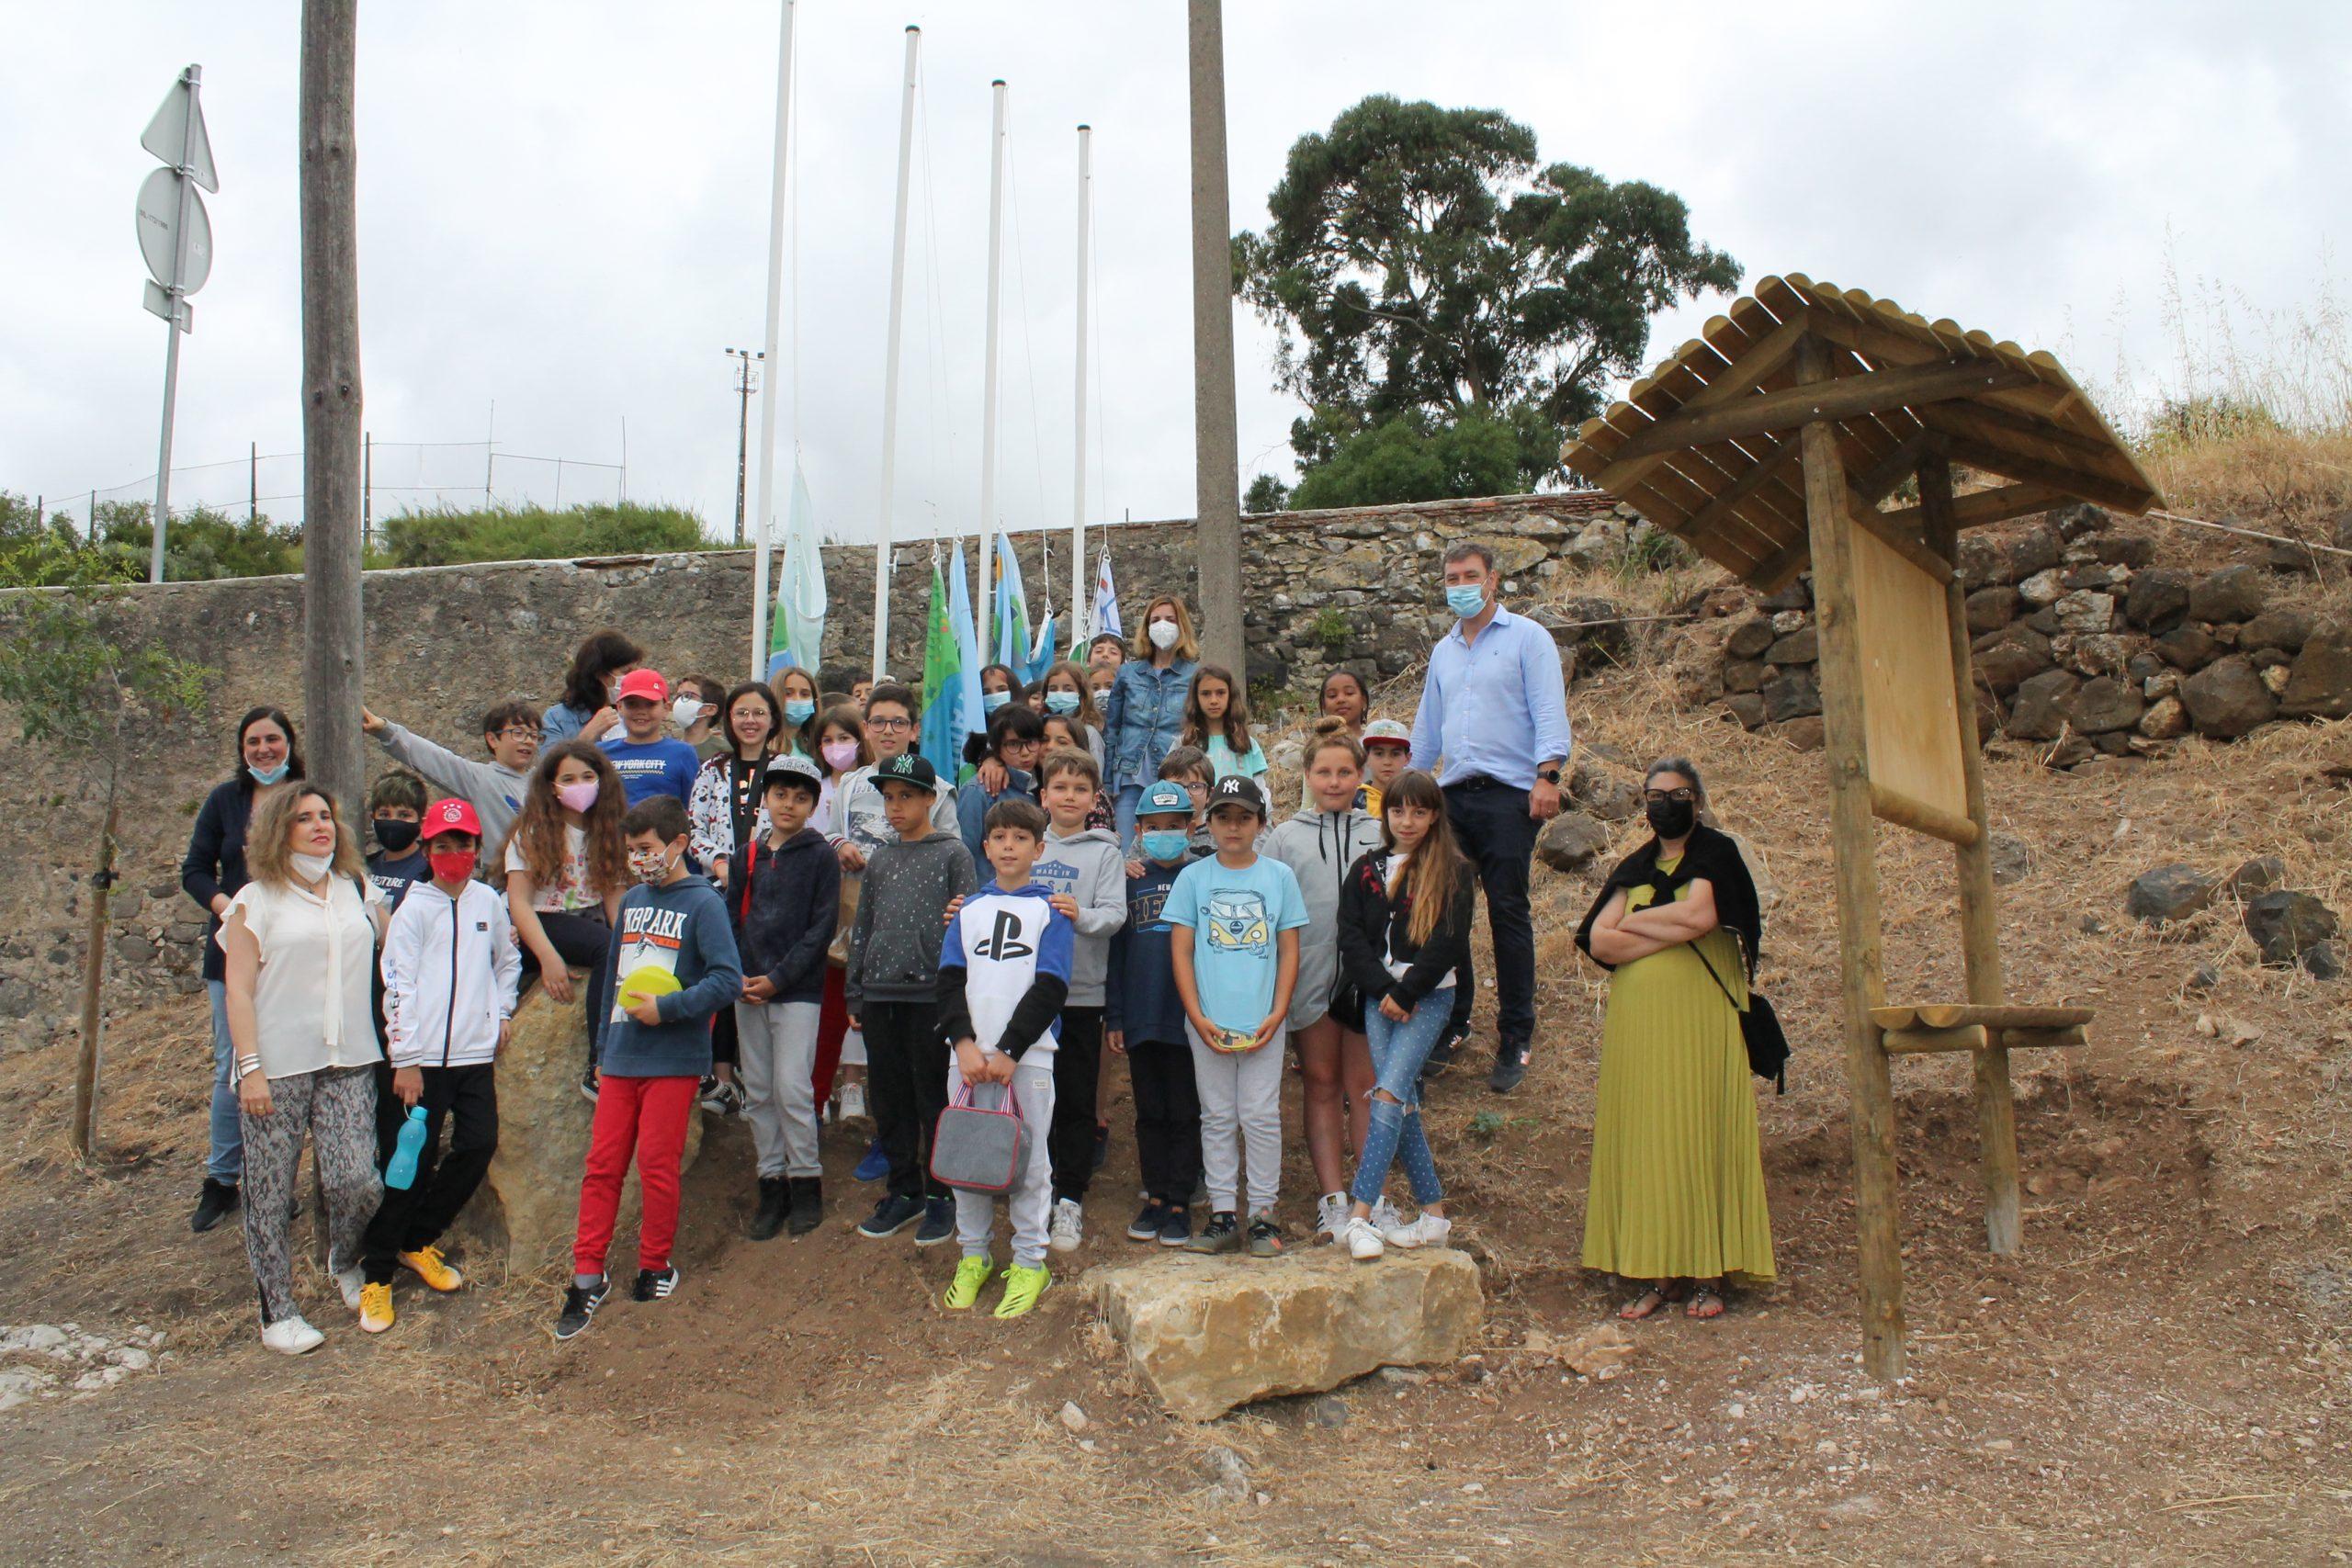 DIA MUNDIAL DA CRIANÇA – No Caminho das Lavadeiras, o Núcleo Escolar de Fanhões – Escola de Fanhões, Casaínhos e Associação de País Hasteou as Bandeiras de Compromisso Ambiental!